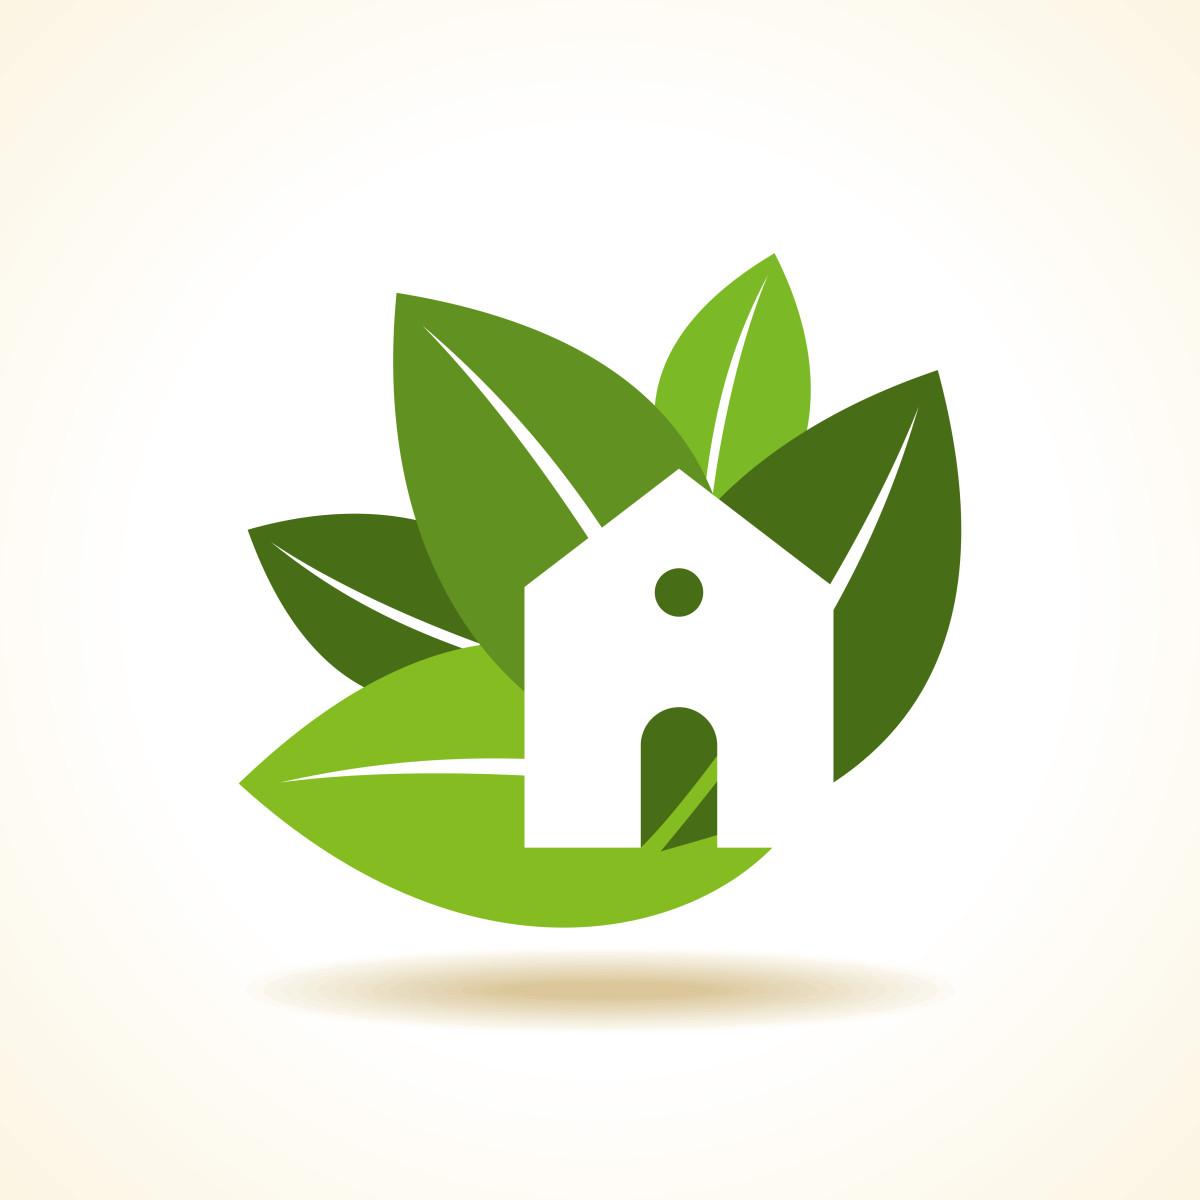 visuel maison écologique, feuille verte